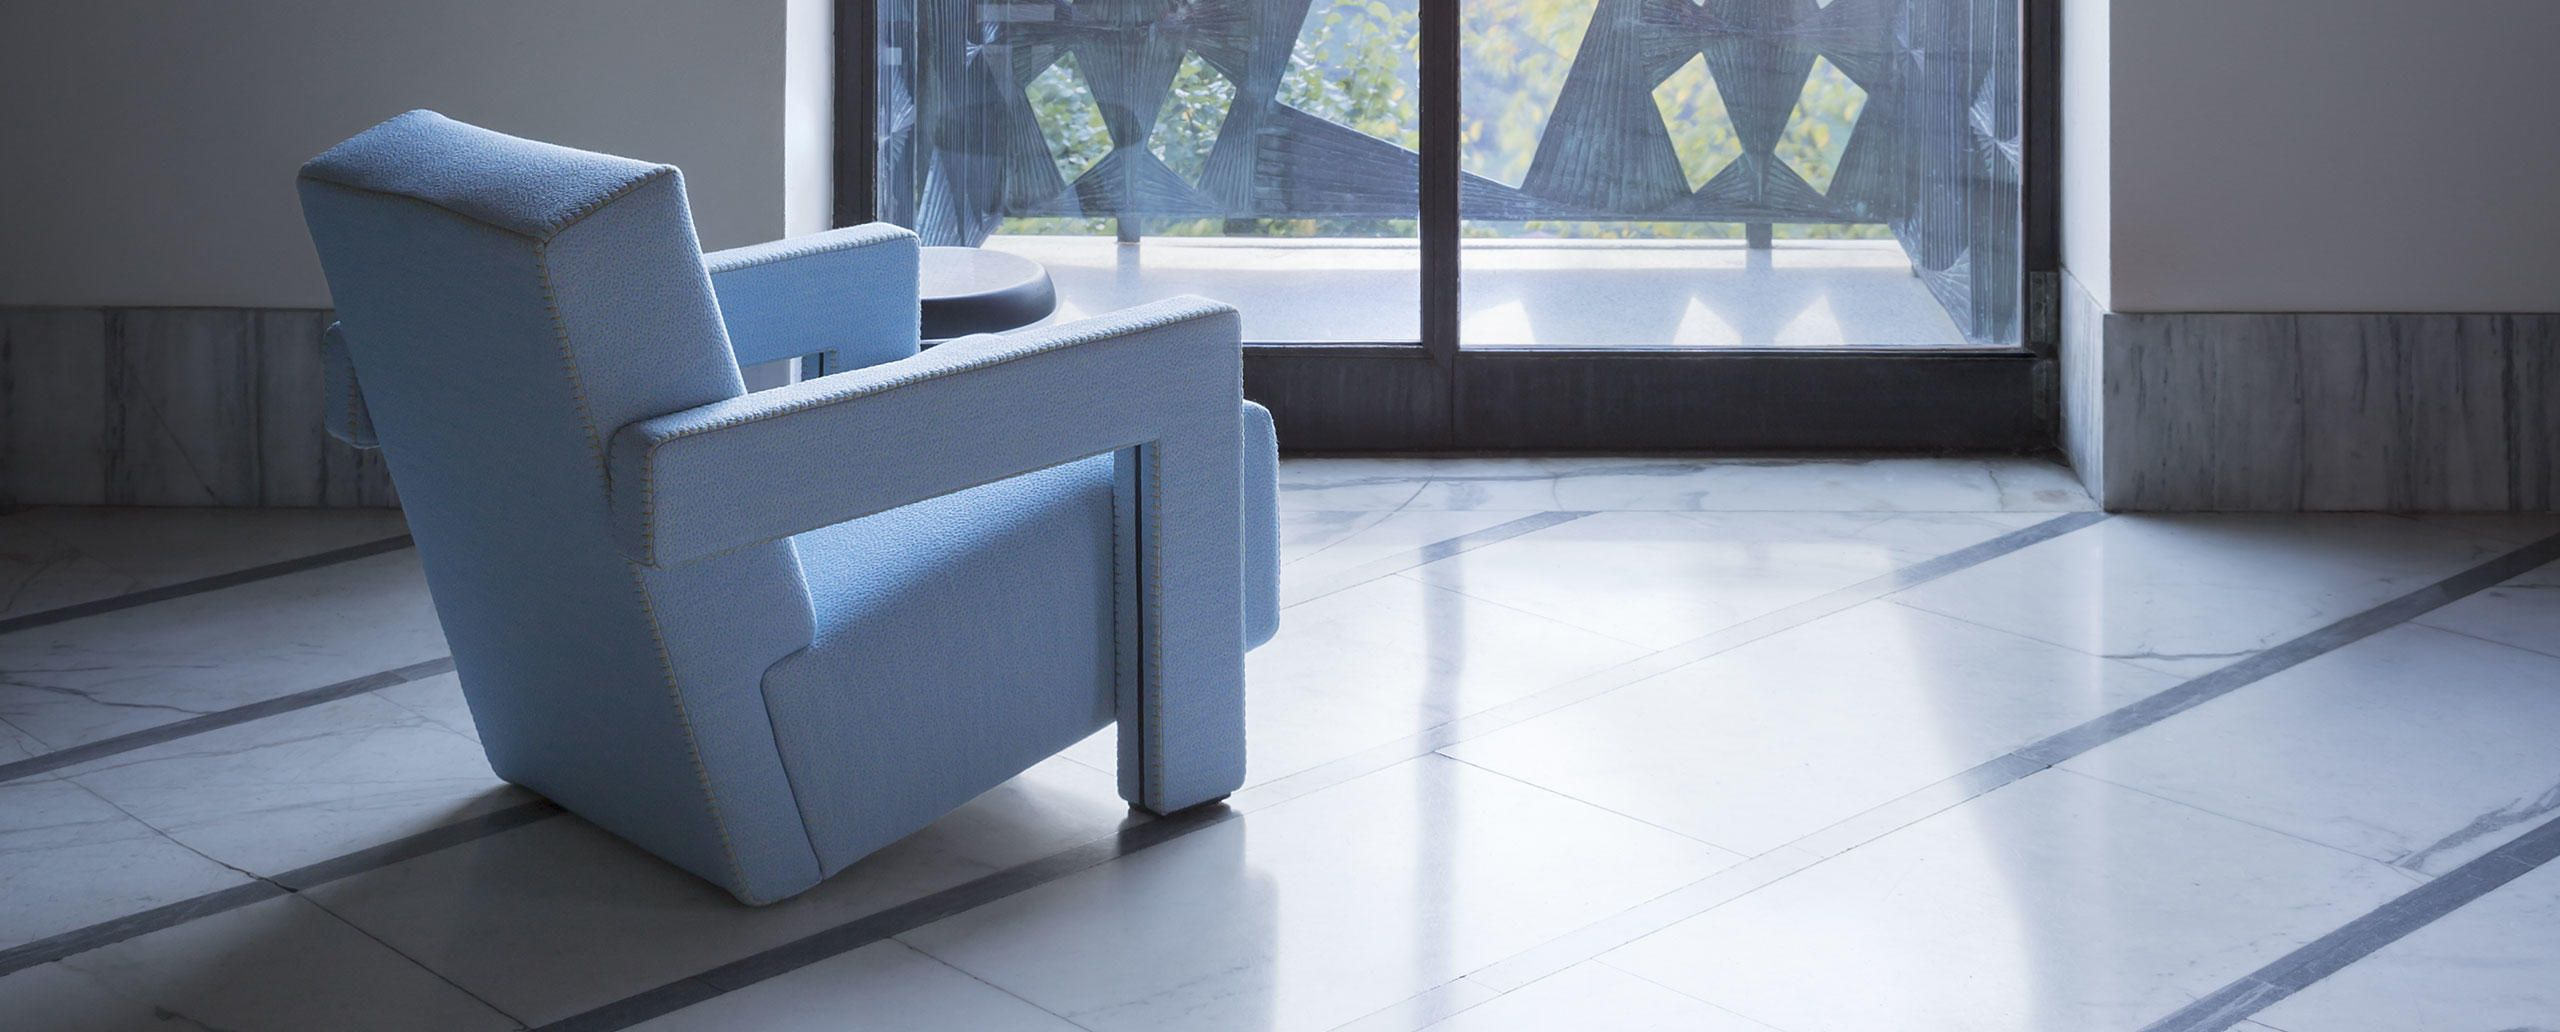 Ziemlich Möbel Holland Galerie - Innenarchitektur-Kollektion - seomx ...